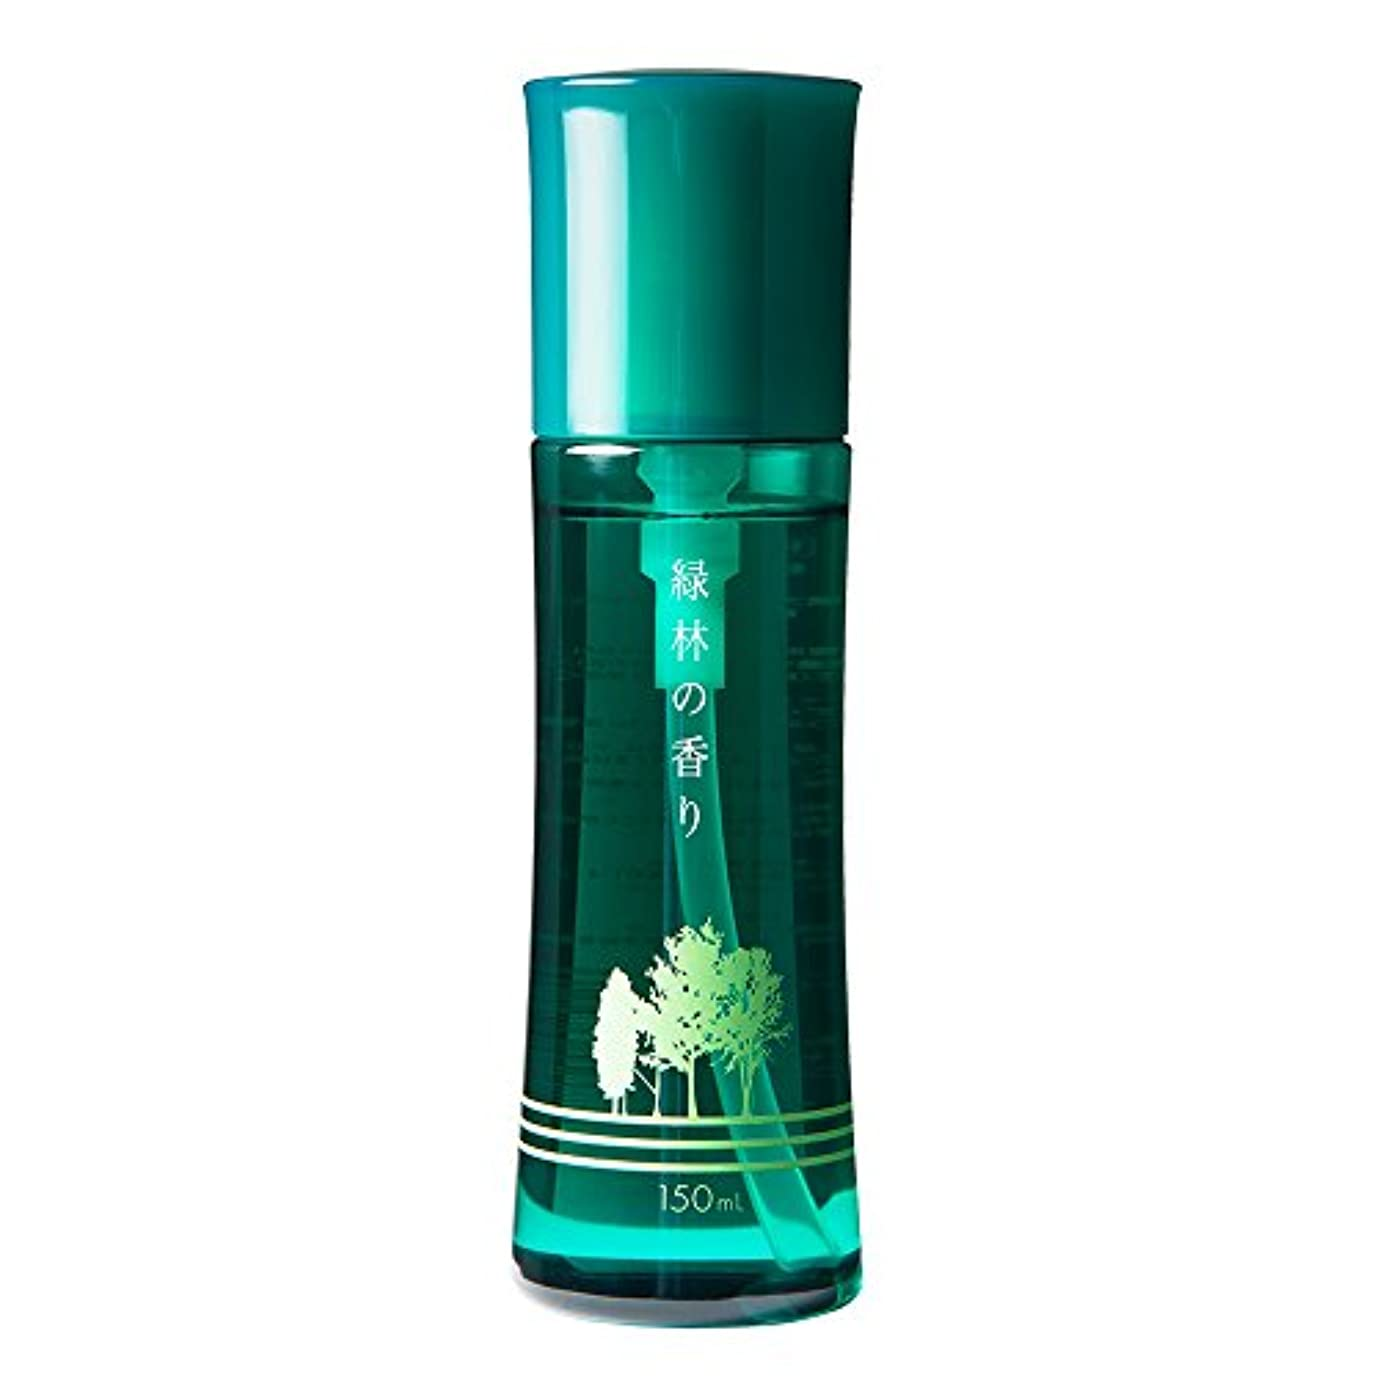 心理学増幅器分散芳香剤「緑林の香り(みどりの香り)」150mL 日本予防医薬